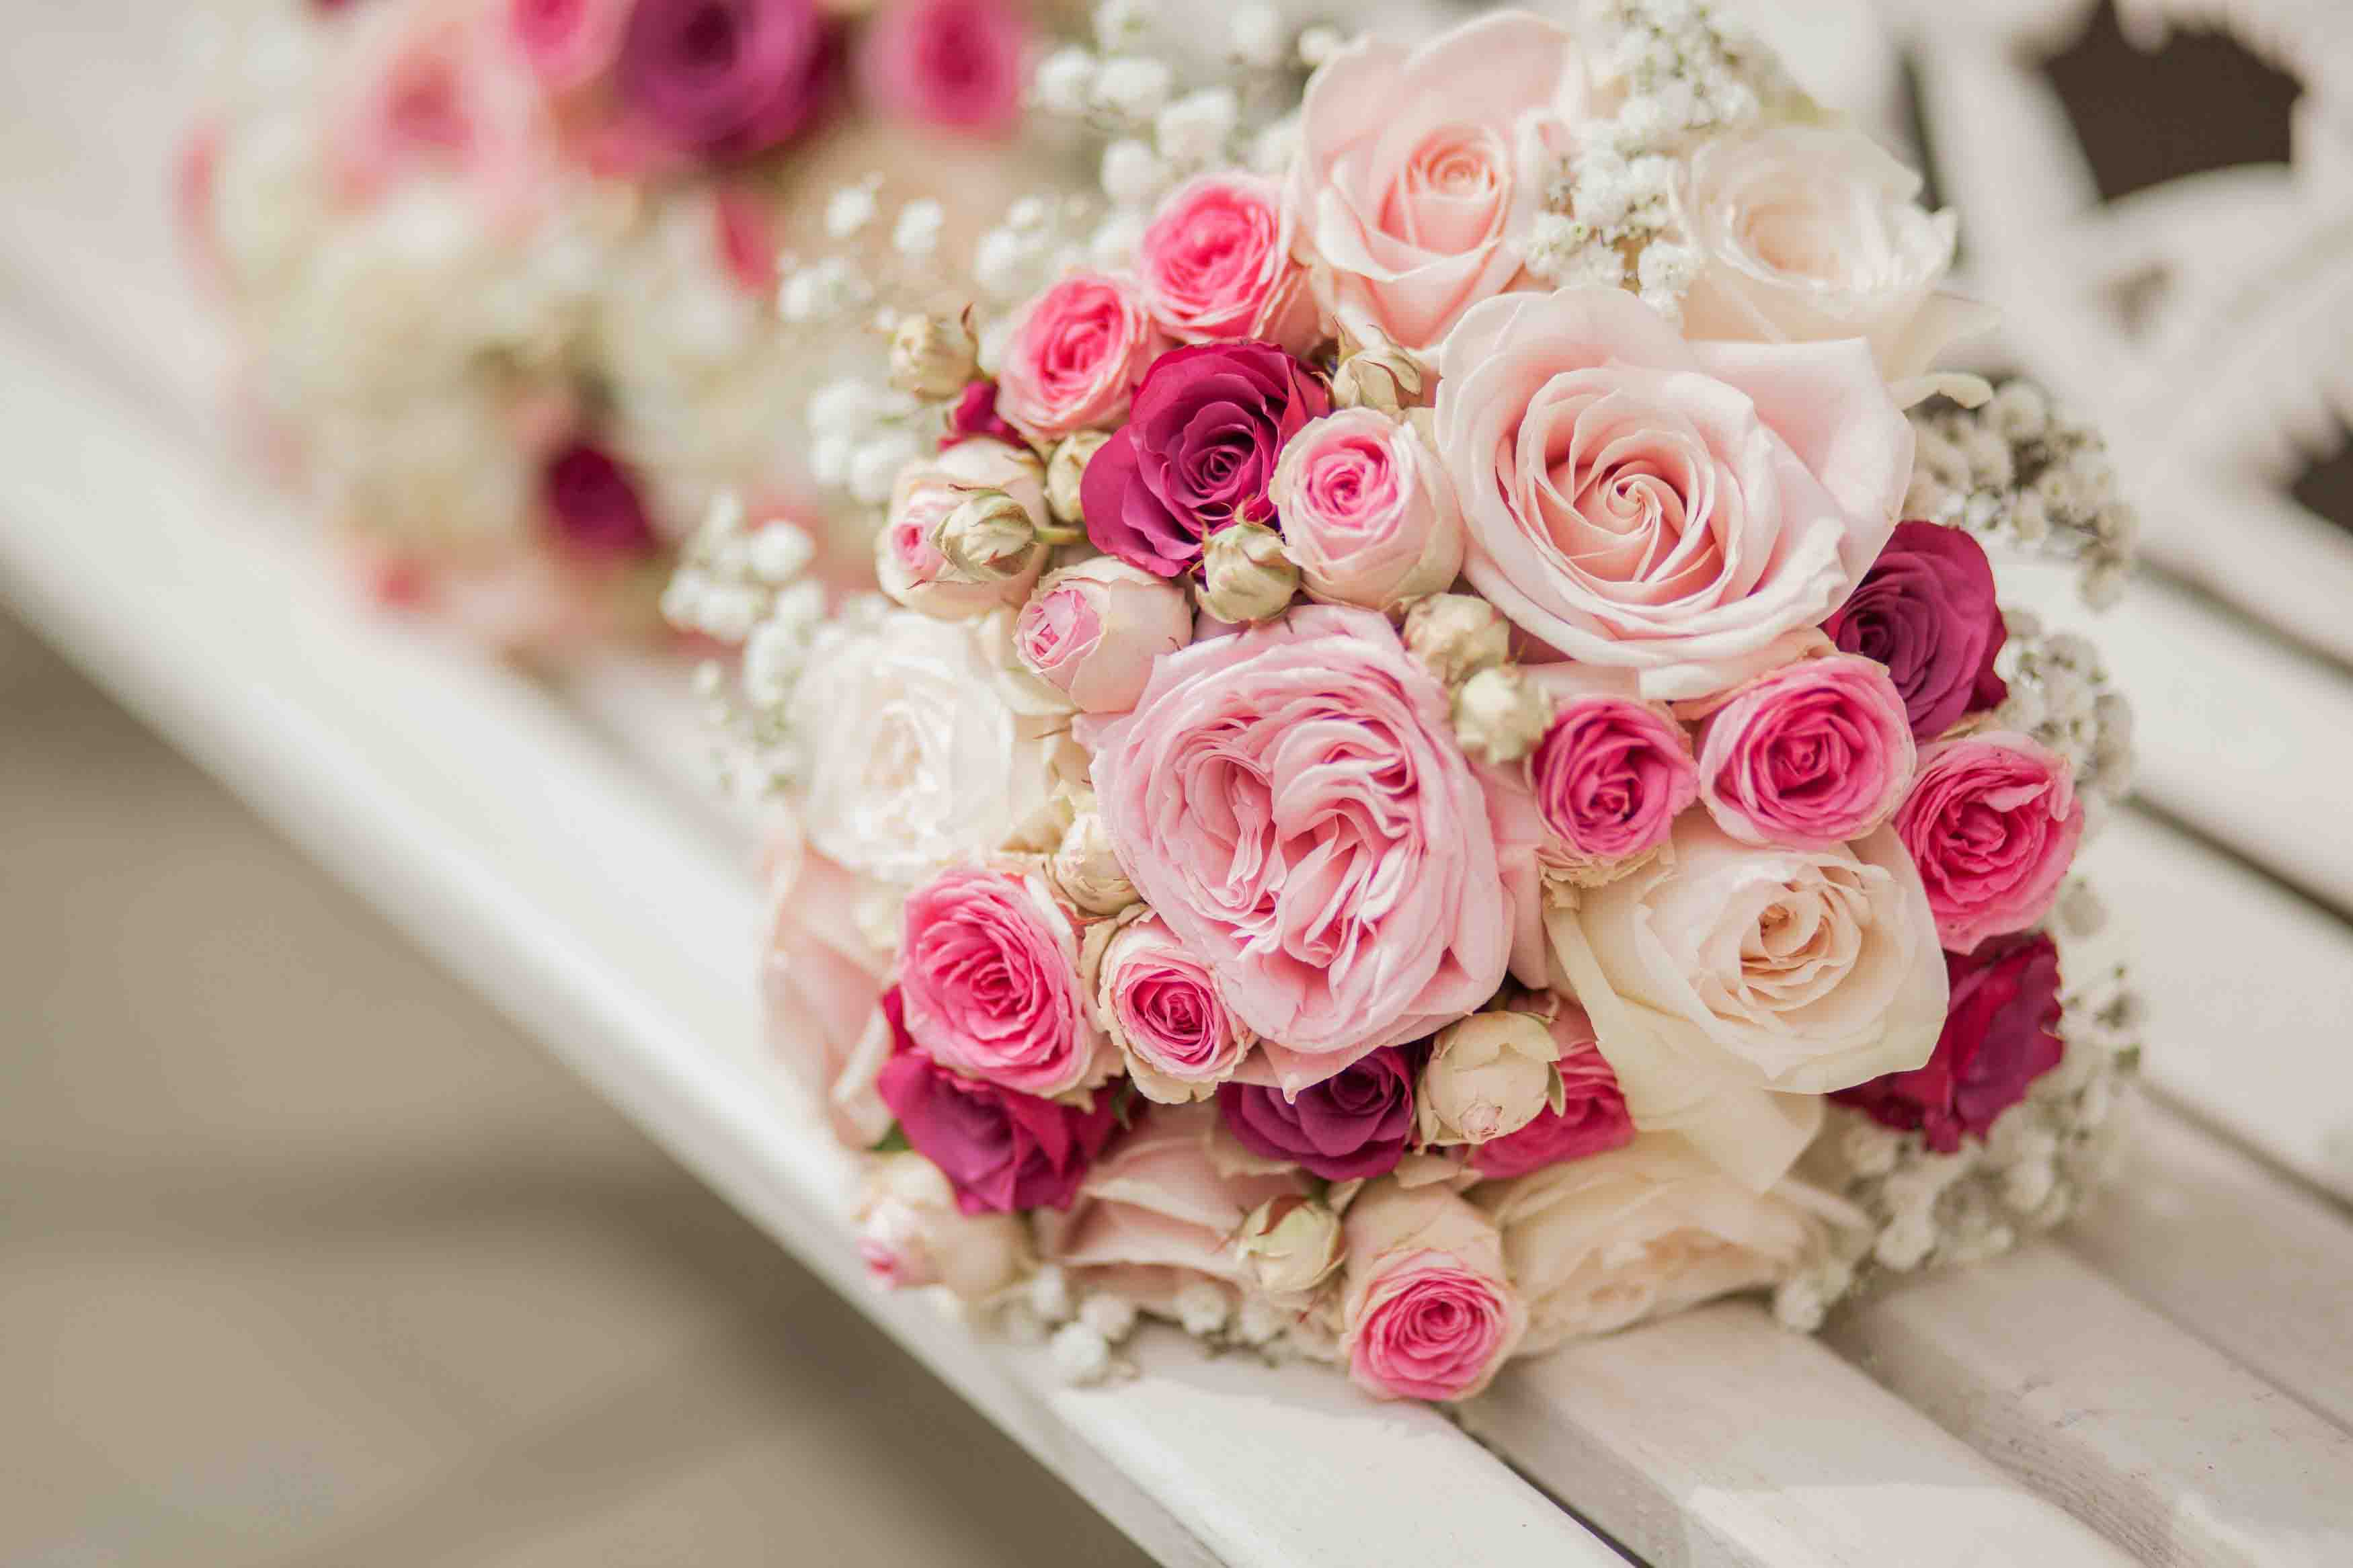 Hoa hồng phớt mộng mơ